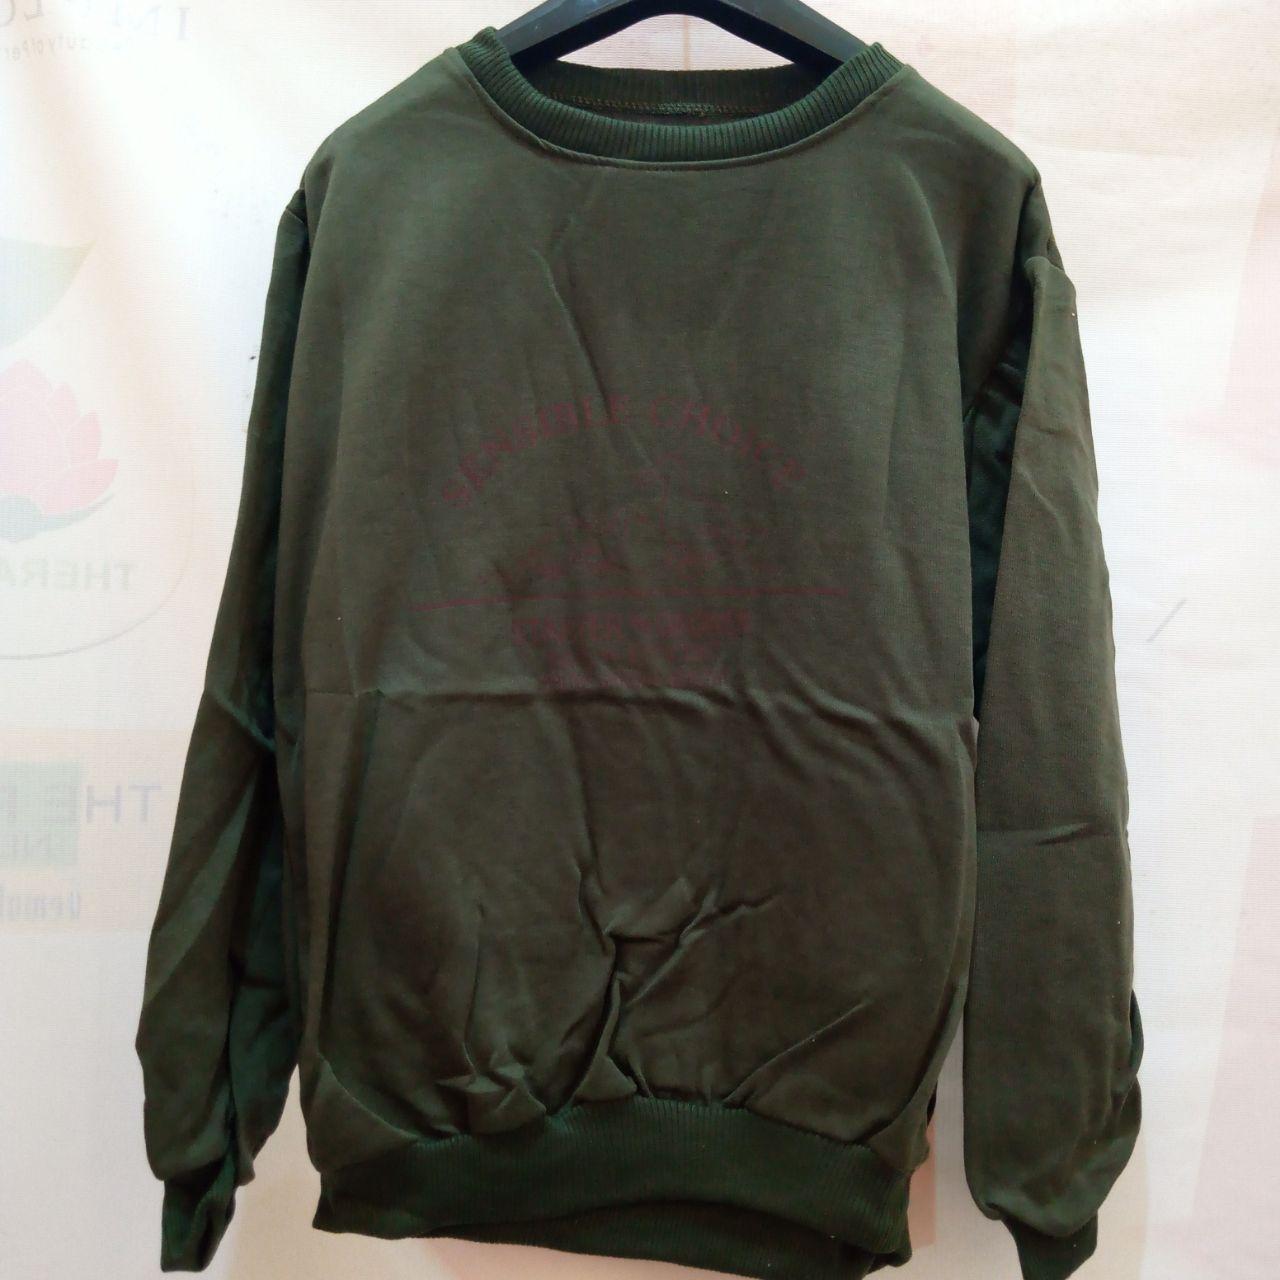 ini adalah Sweater Sensico Emerald, size: LD 90cm, Panjang 60cm, material: Fleece, color: dark green, brand: jaketindonesia, age_group: all ages, gender: unisex